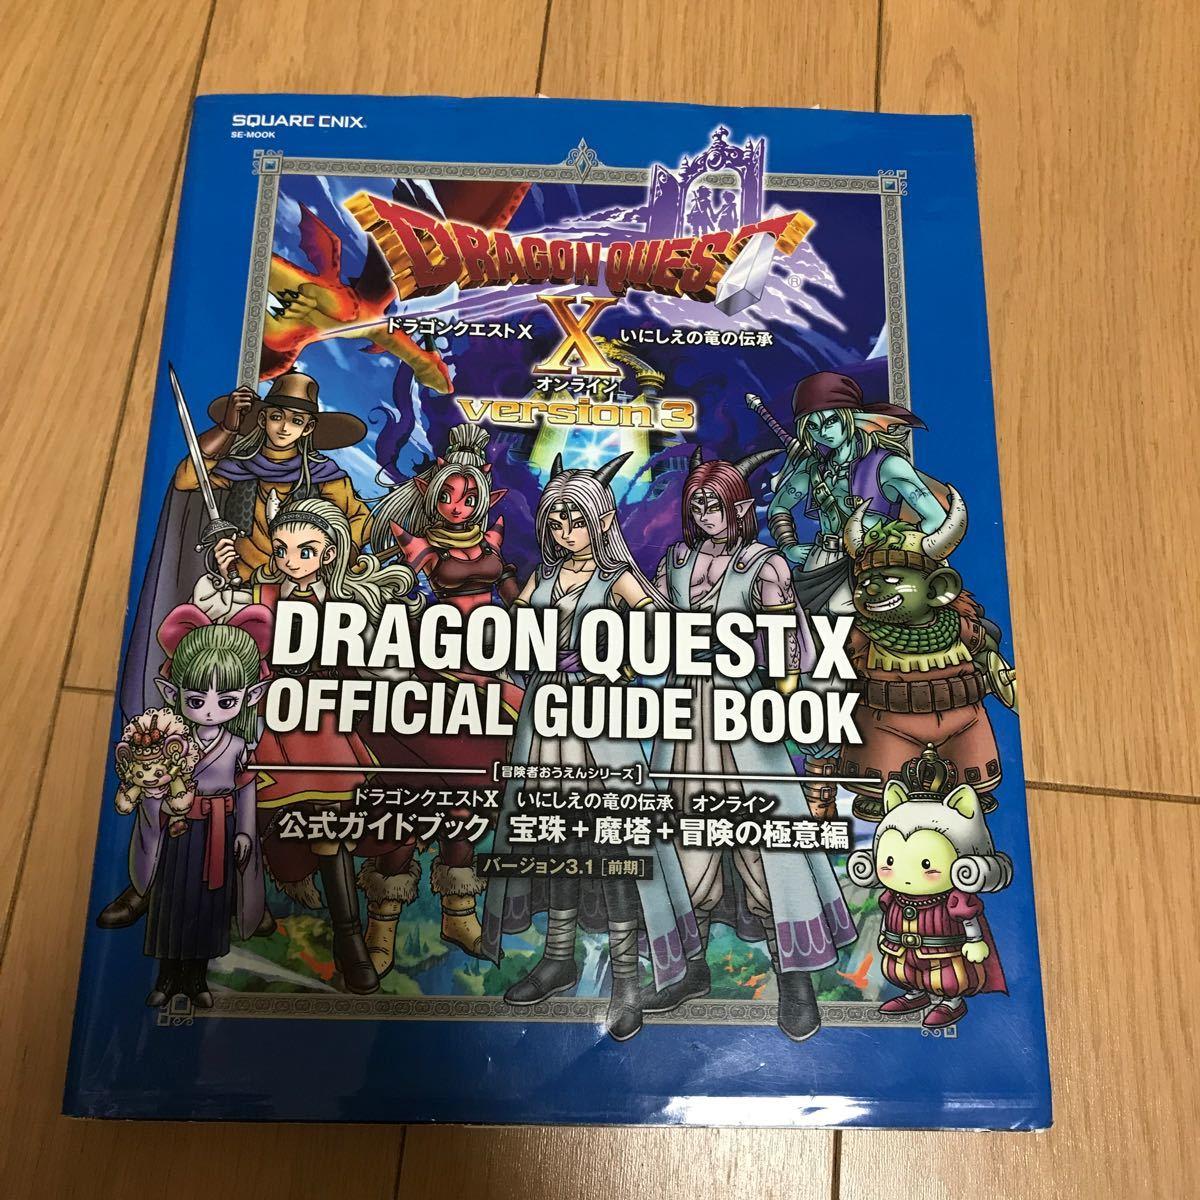 ドラゴンクエスト10いにしえの竜の伝承オンライン公式ガイドブック